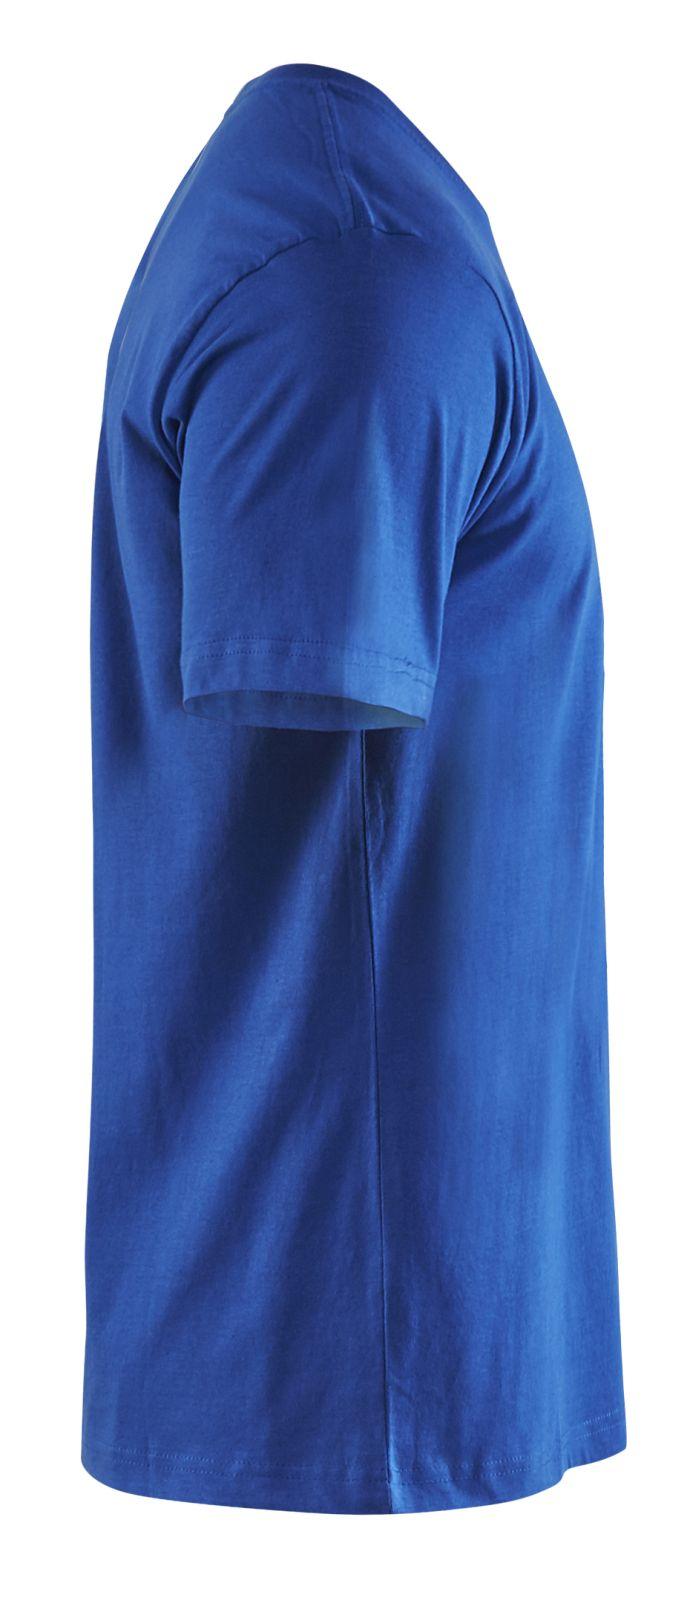 Blaklader T-shirts 33001030 korenblauw(8500)